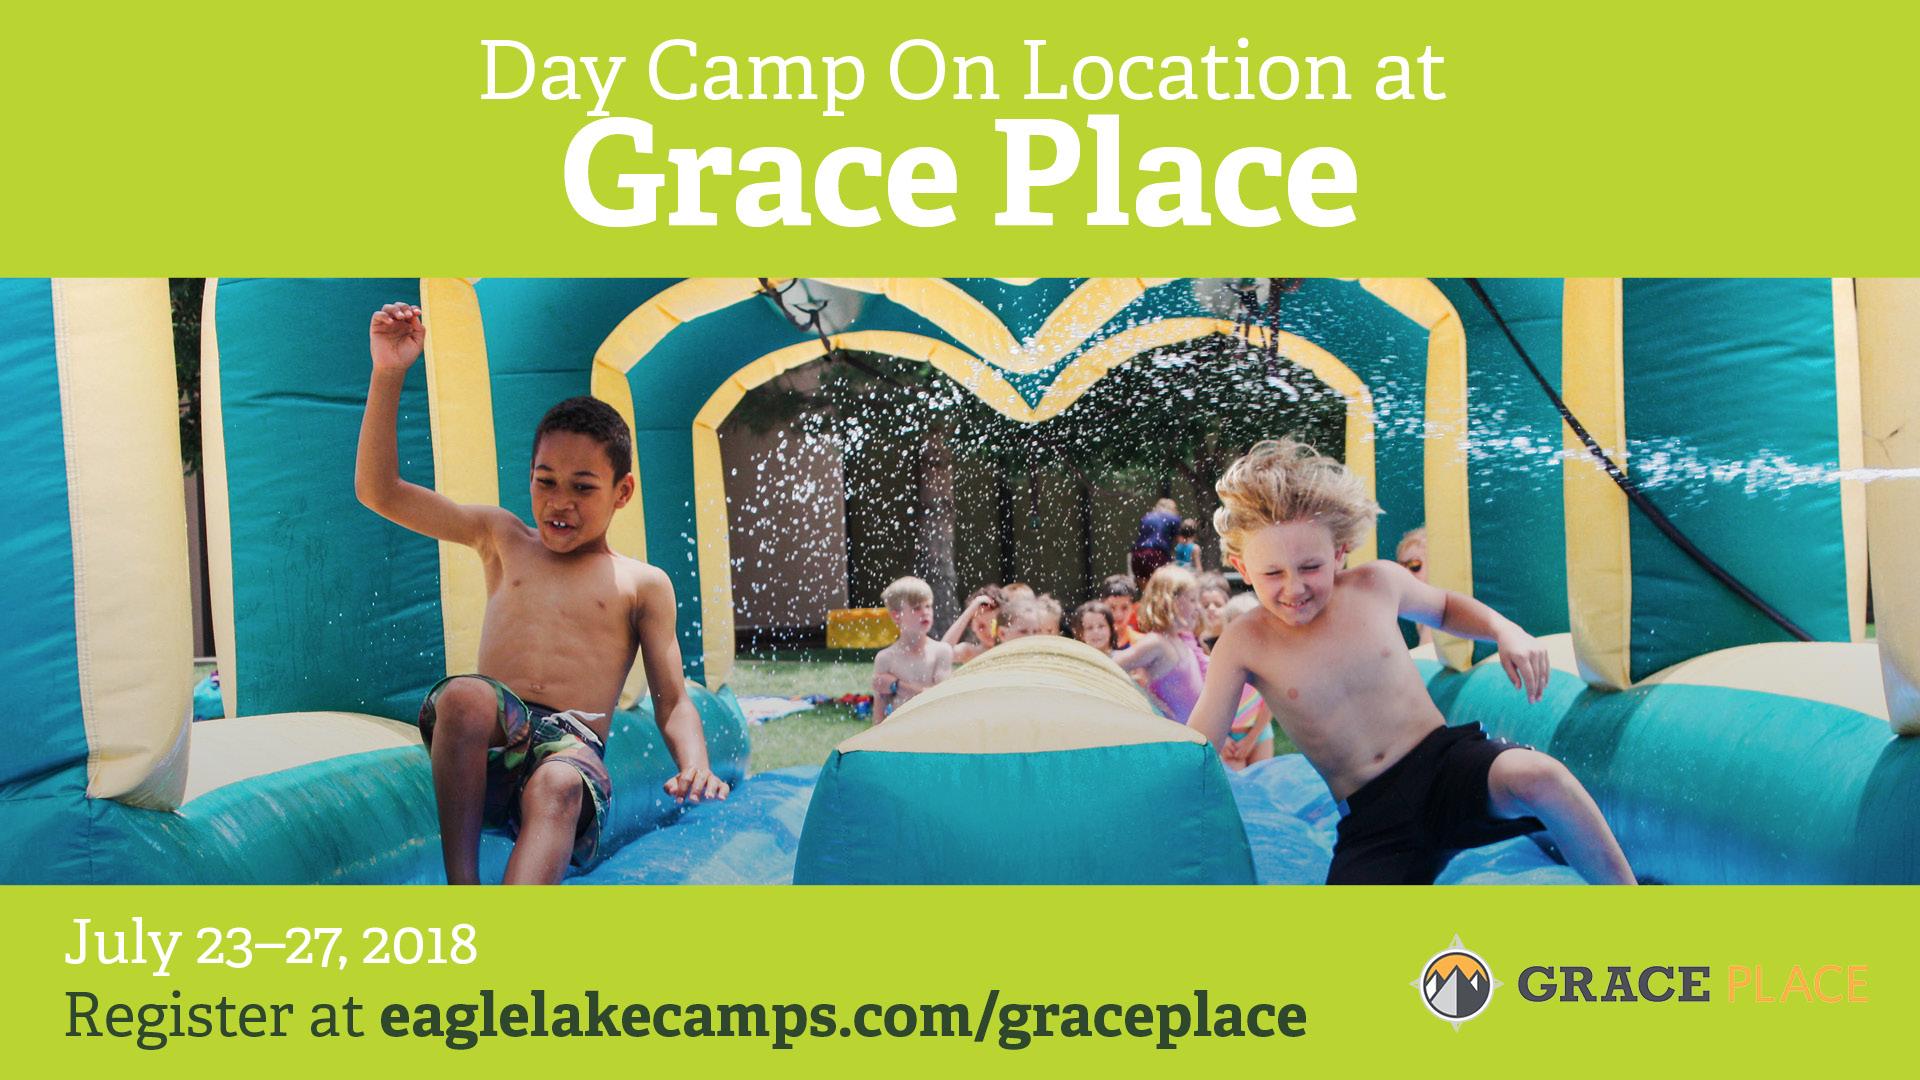 2018 dcol grace place tv slide